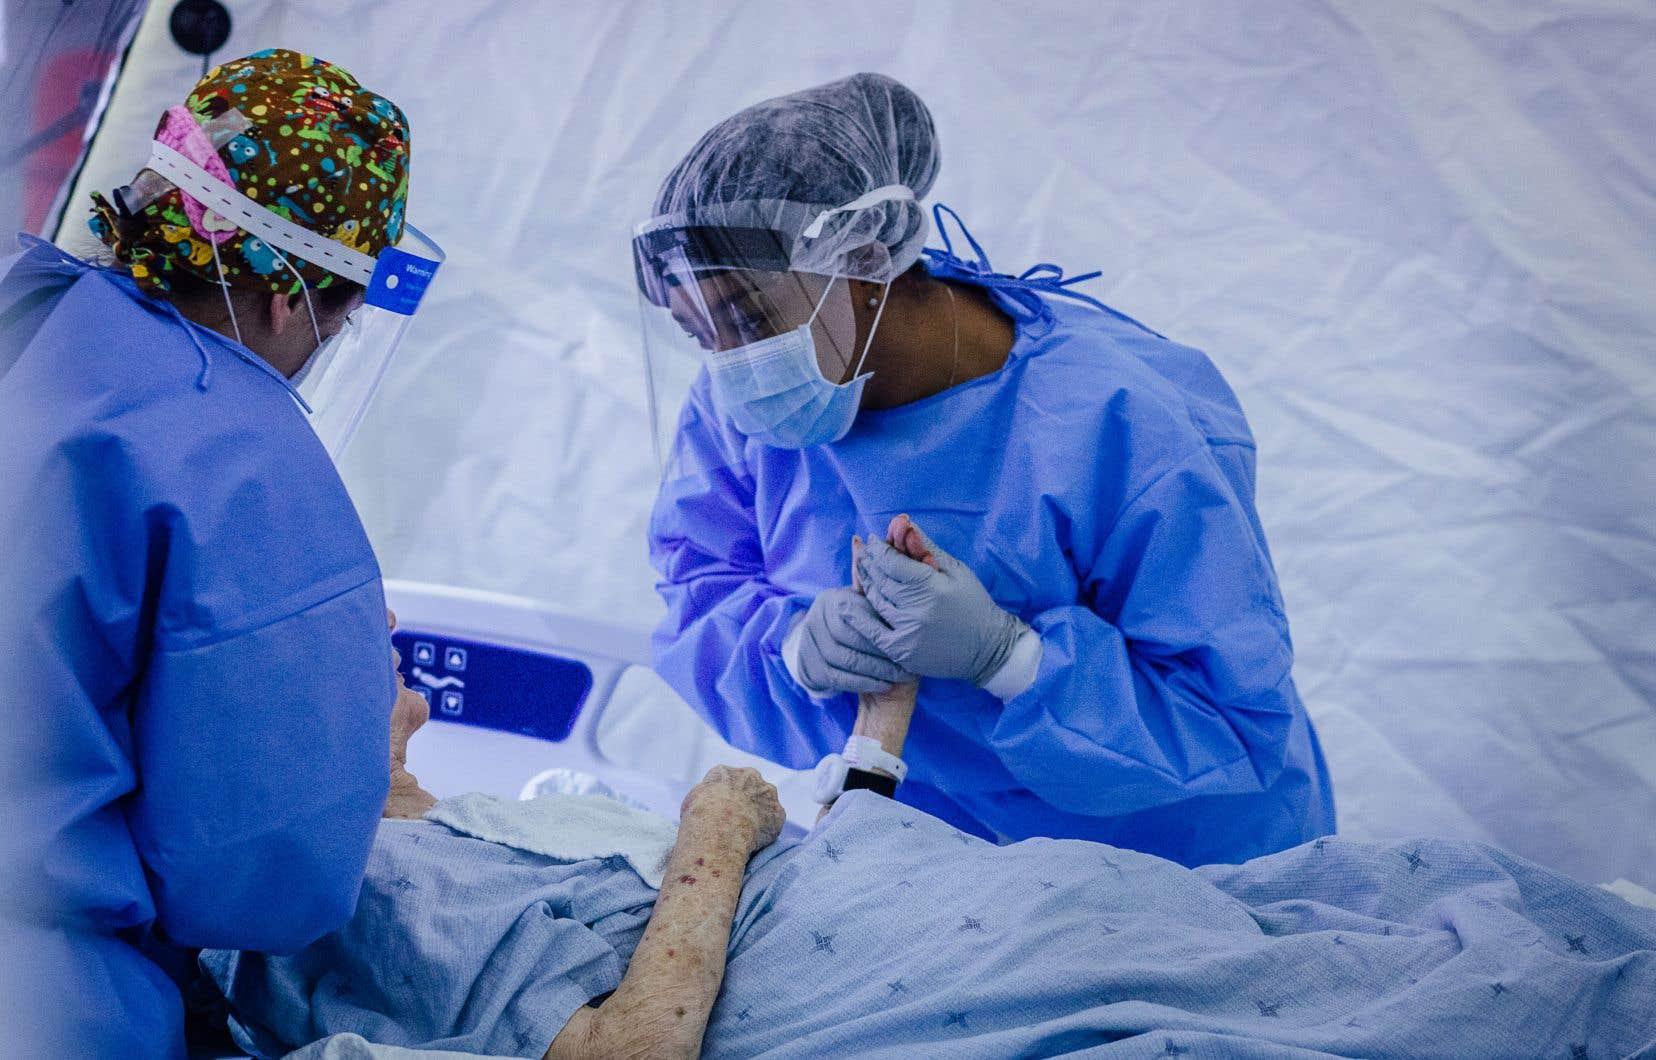 Fin mai, on a enfin accueilli le photojournaliste Valérian Mazataud dans l'enceinte de l'hôpital mobile de LaSalle, une permission qui demeure, au <i>Devoir </i>comme partout dans les médias québécois, une rare exception.